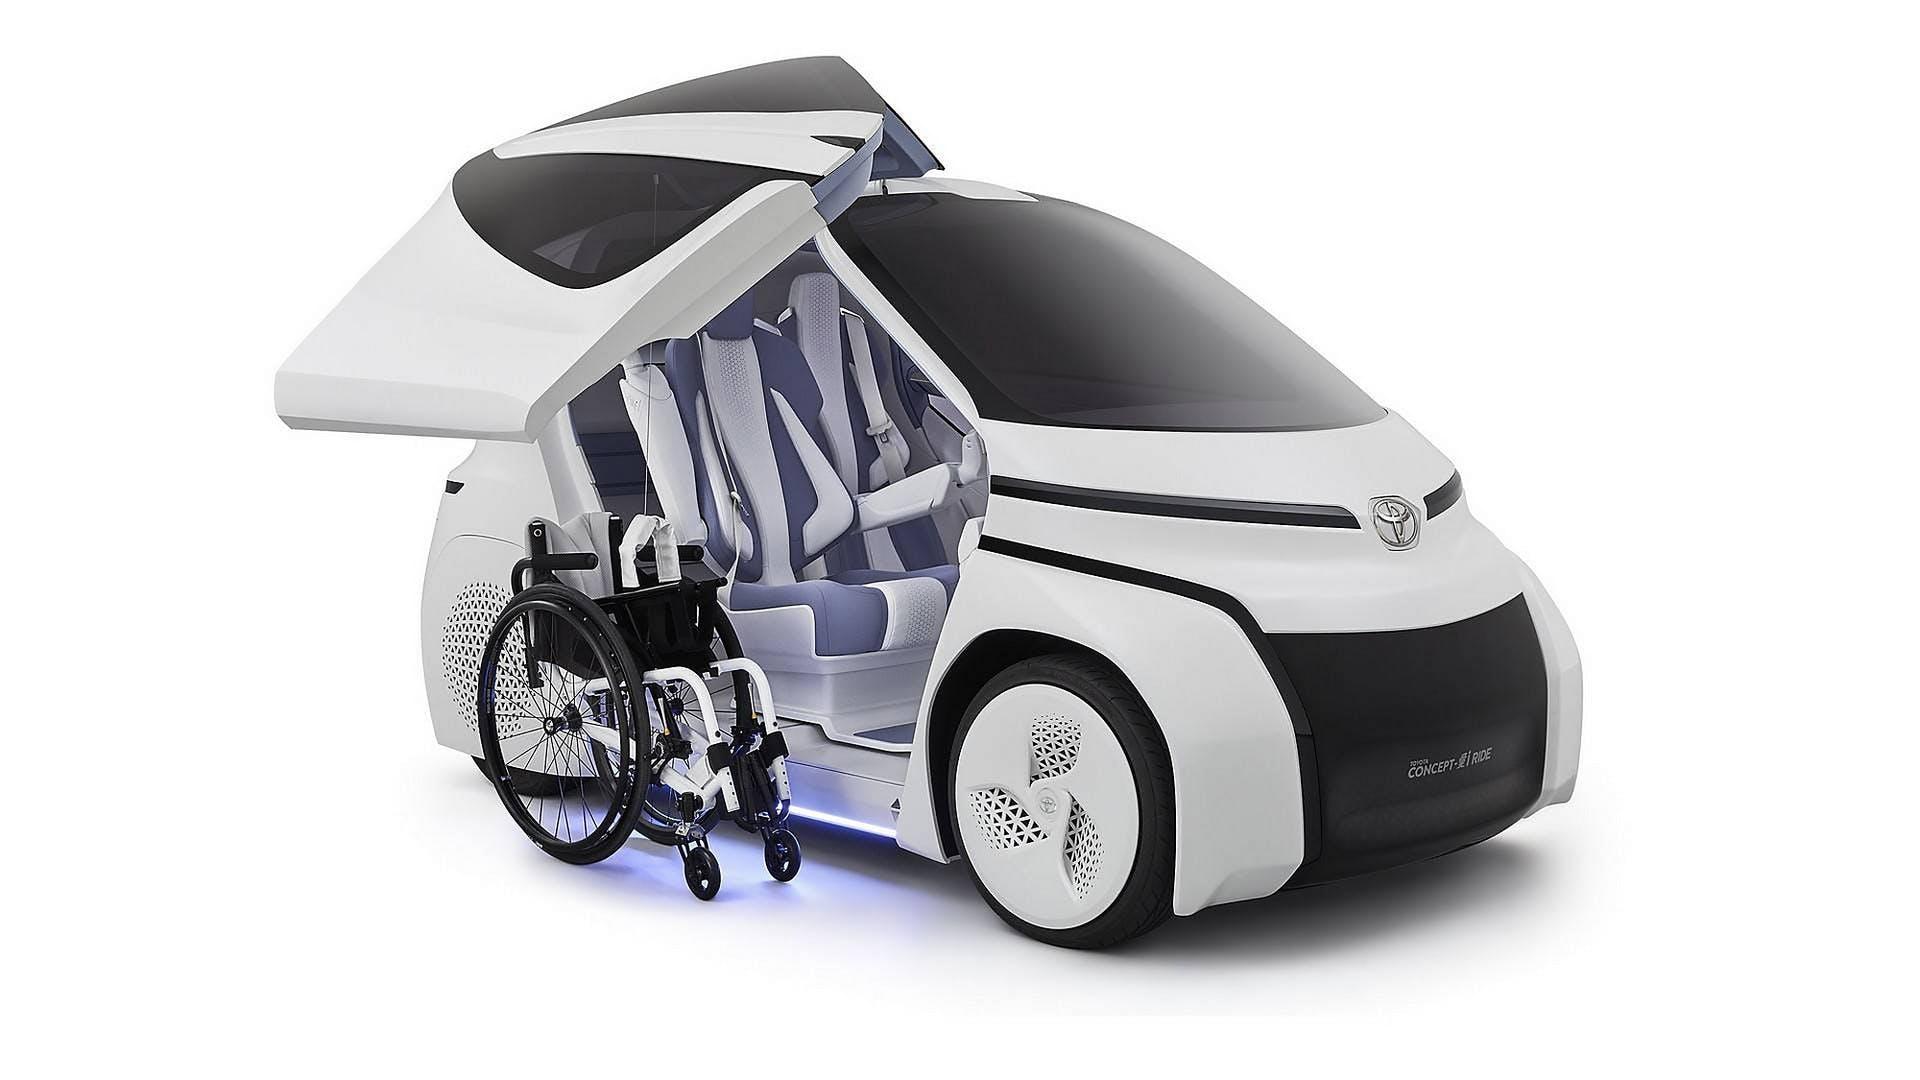 Toyota Concept-i Ride statica